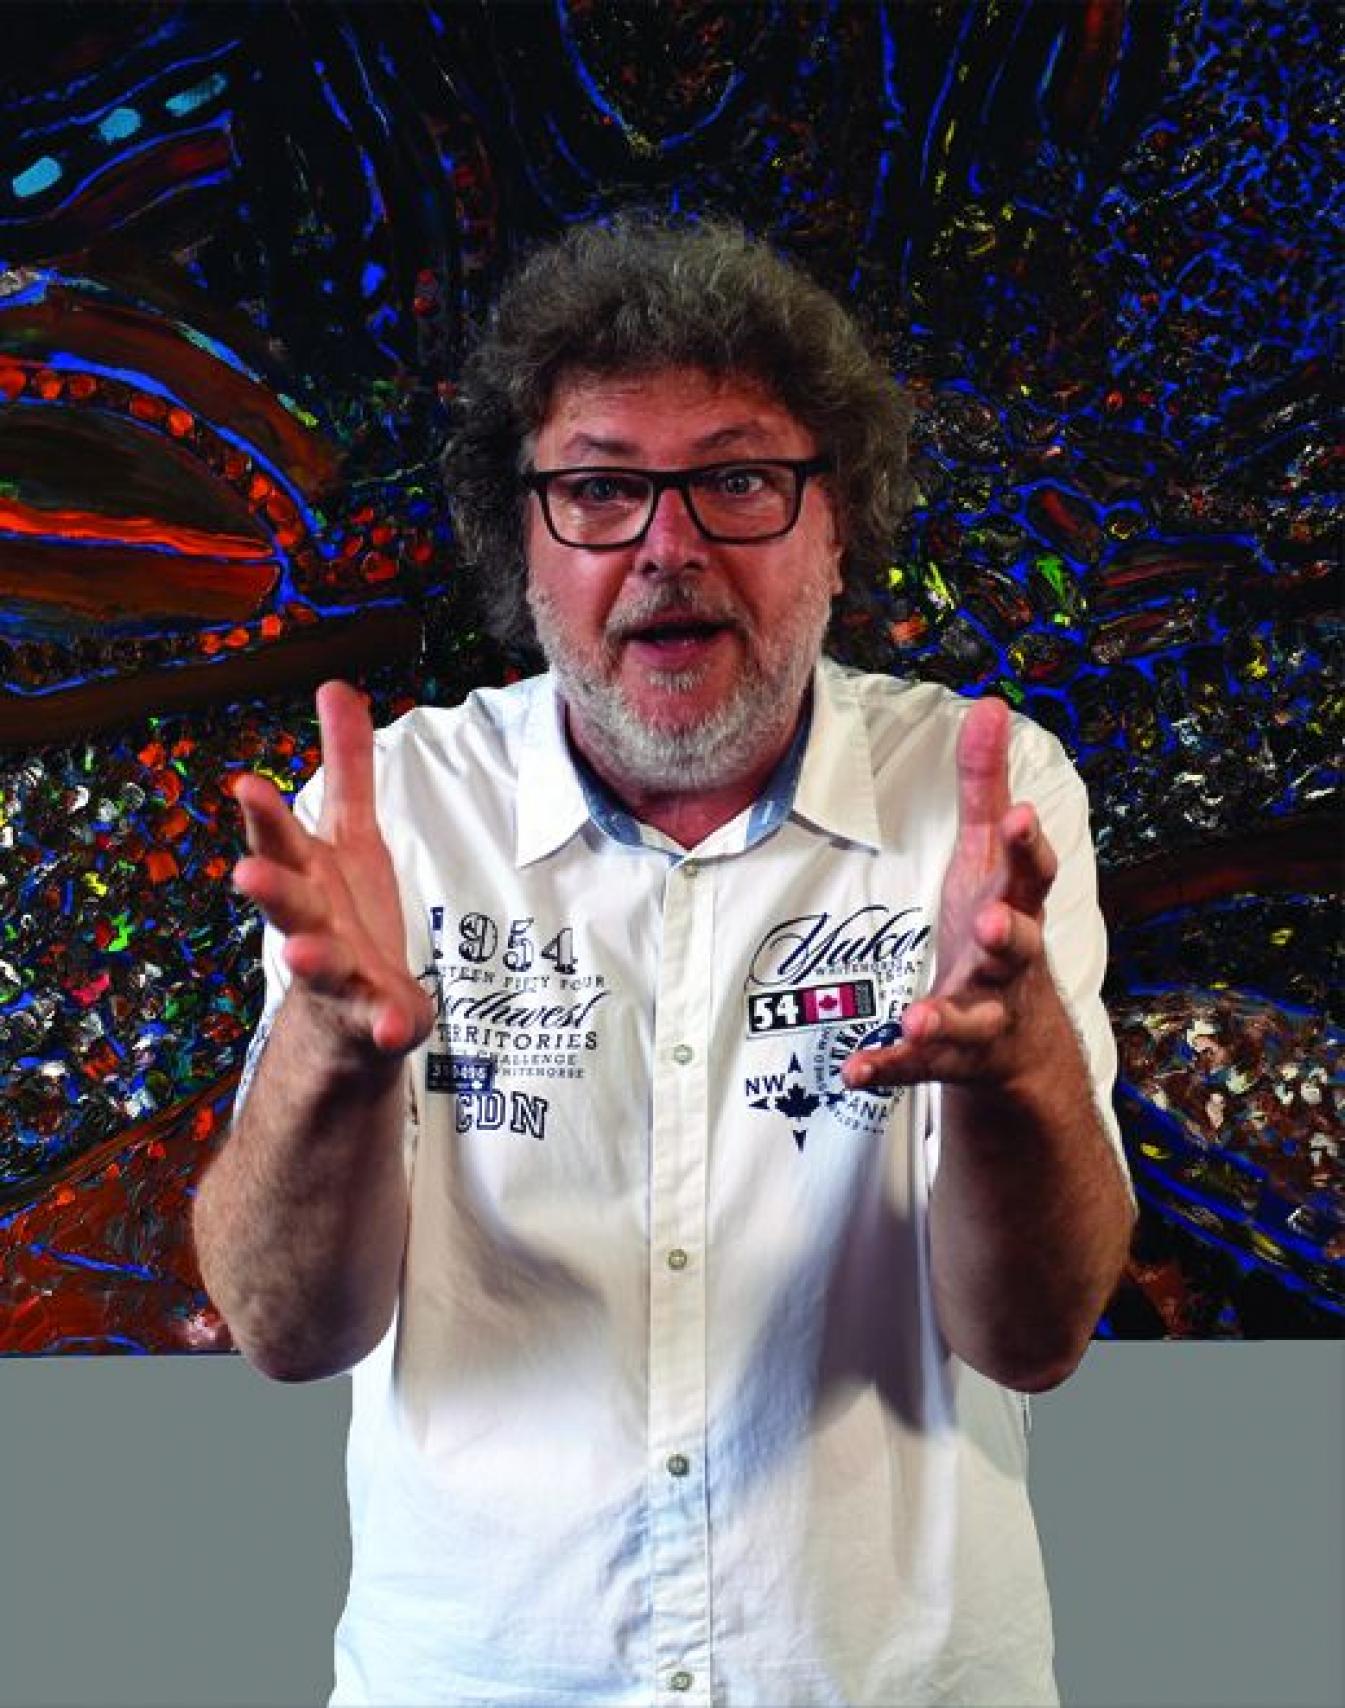 Zdjęcie starszego mężczyzny. Nosi okulary, brodę. Ubrany jest w białą koszulę z krótkim rękawem. Żywiołowo gestykuluje dłońmi.